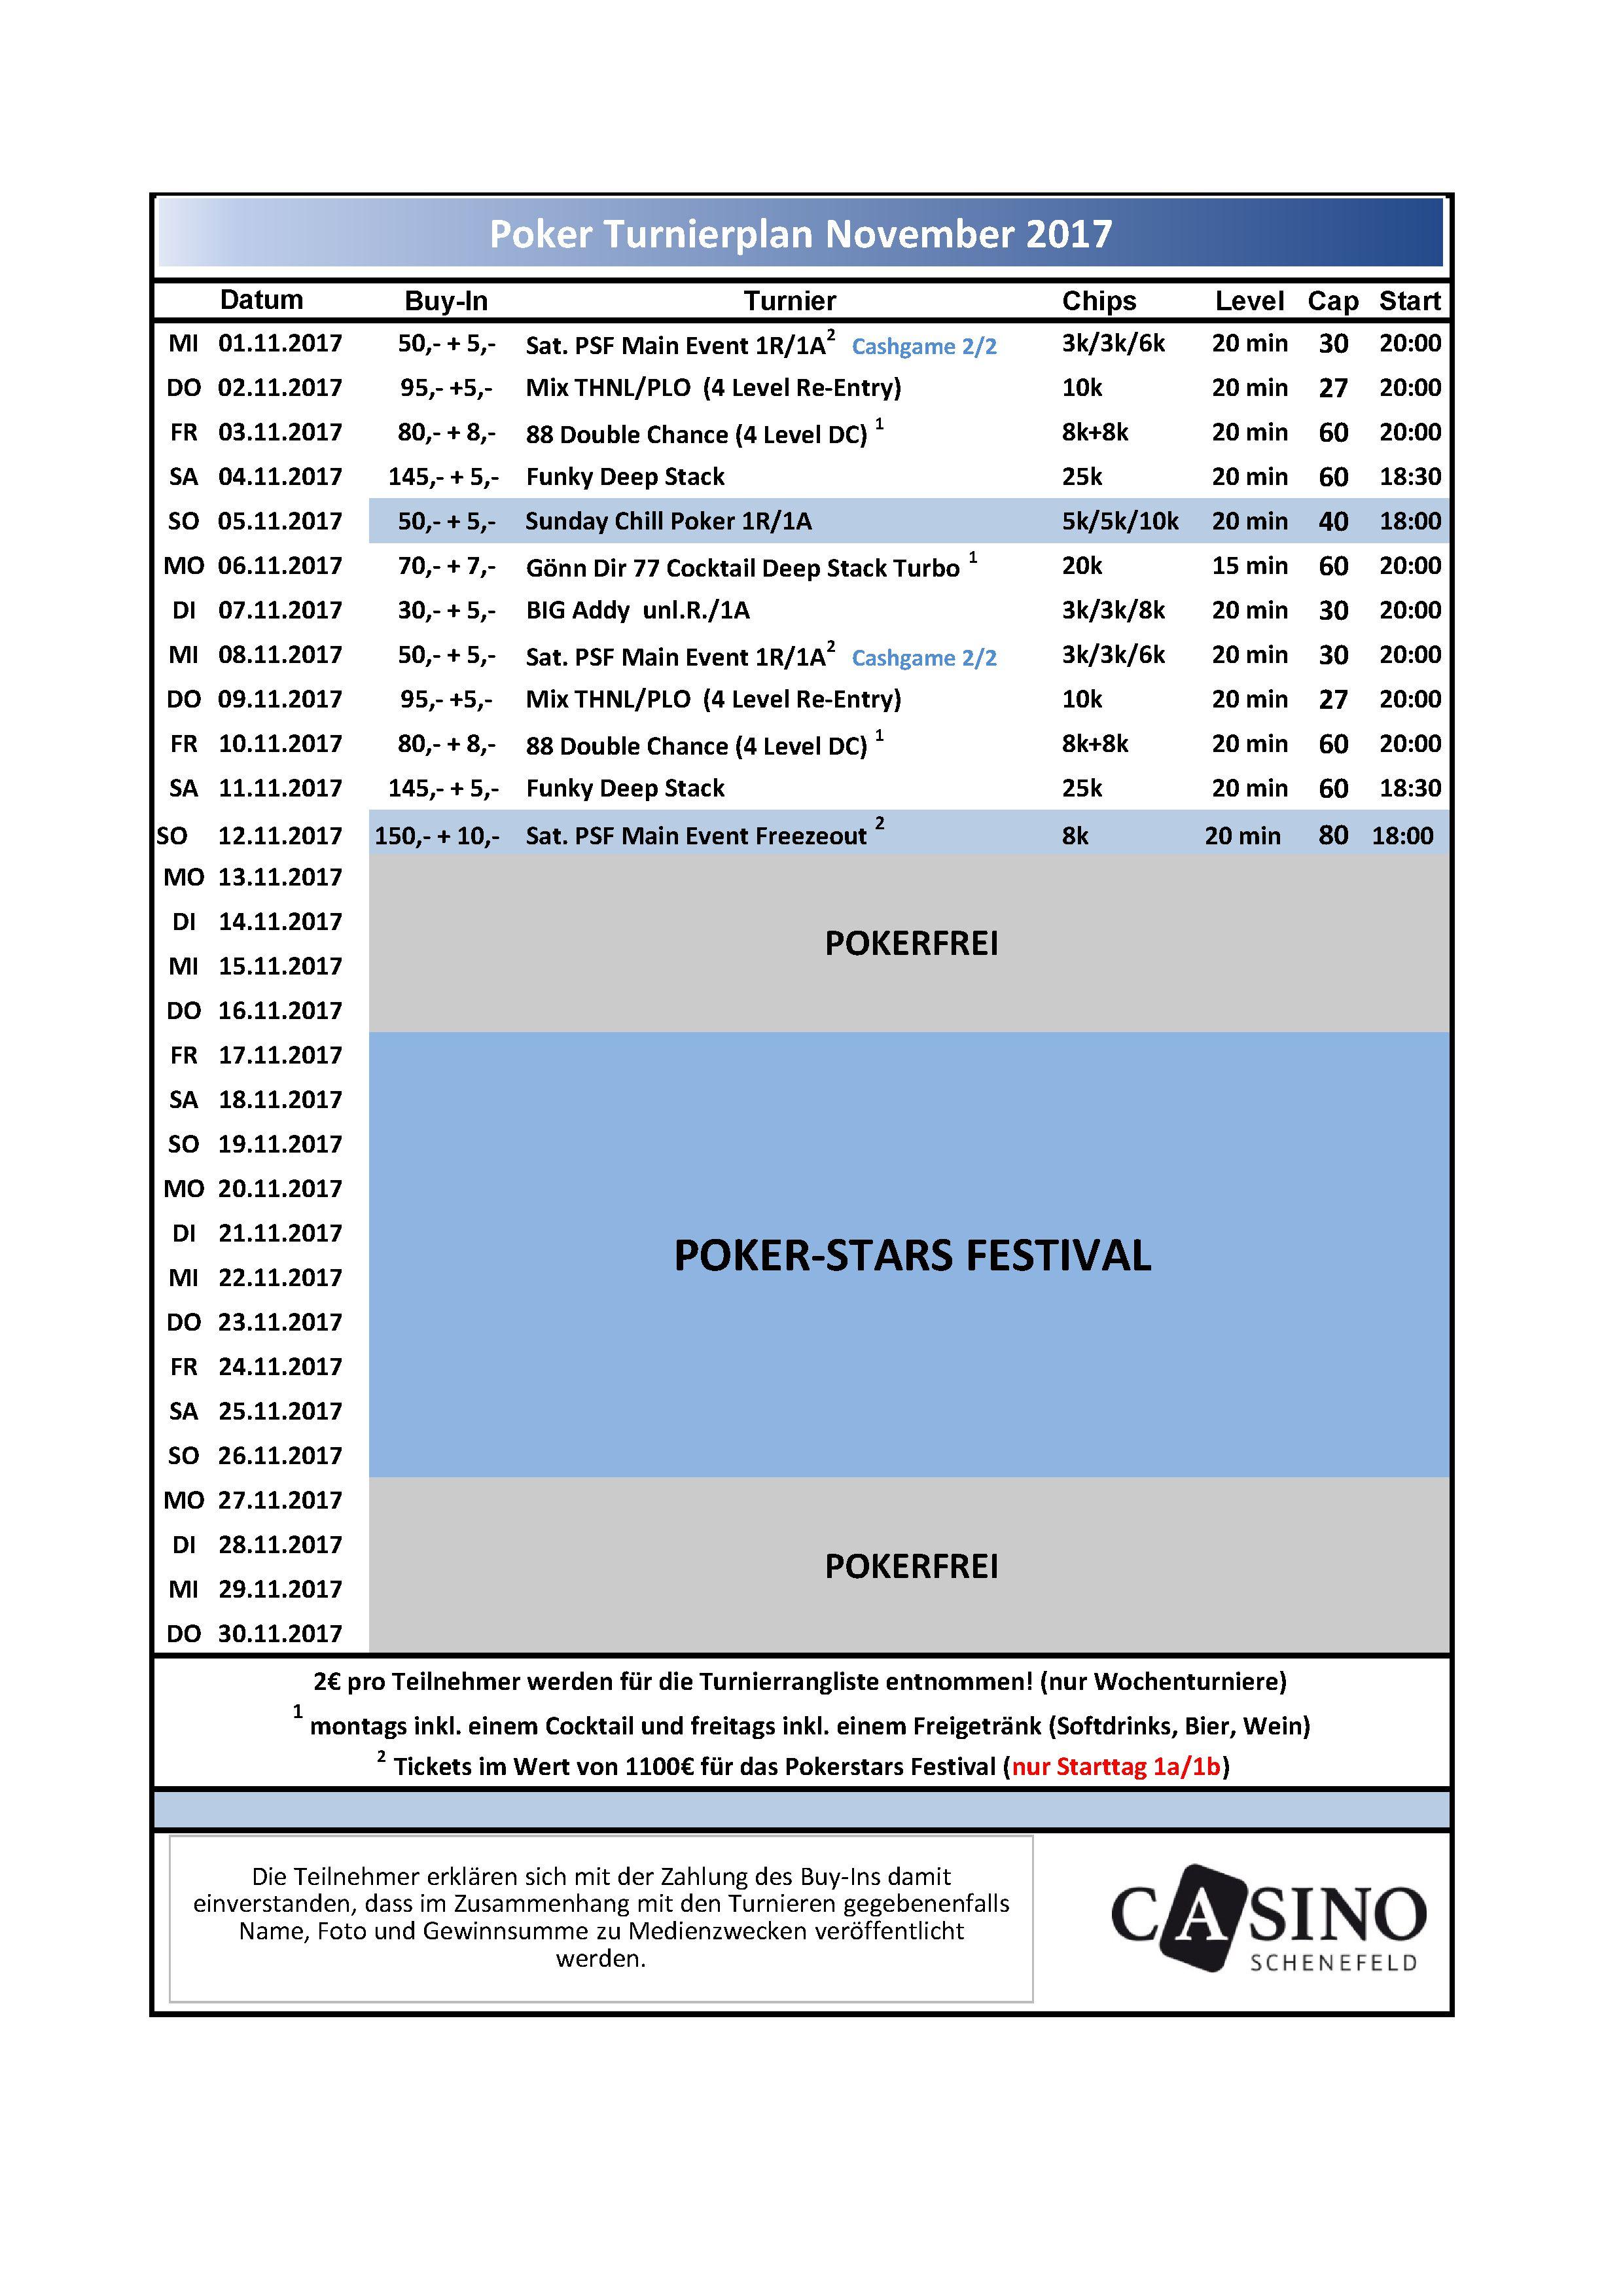 Schenefeld Turnierplan November